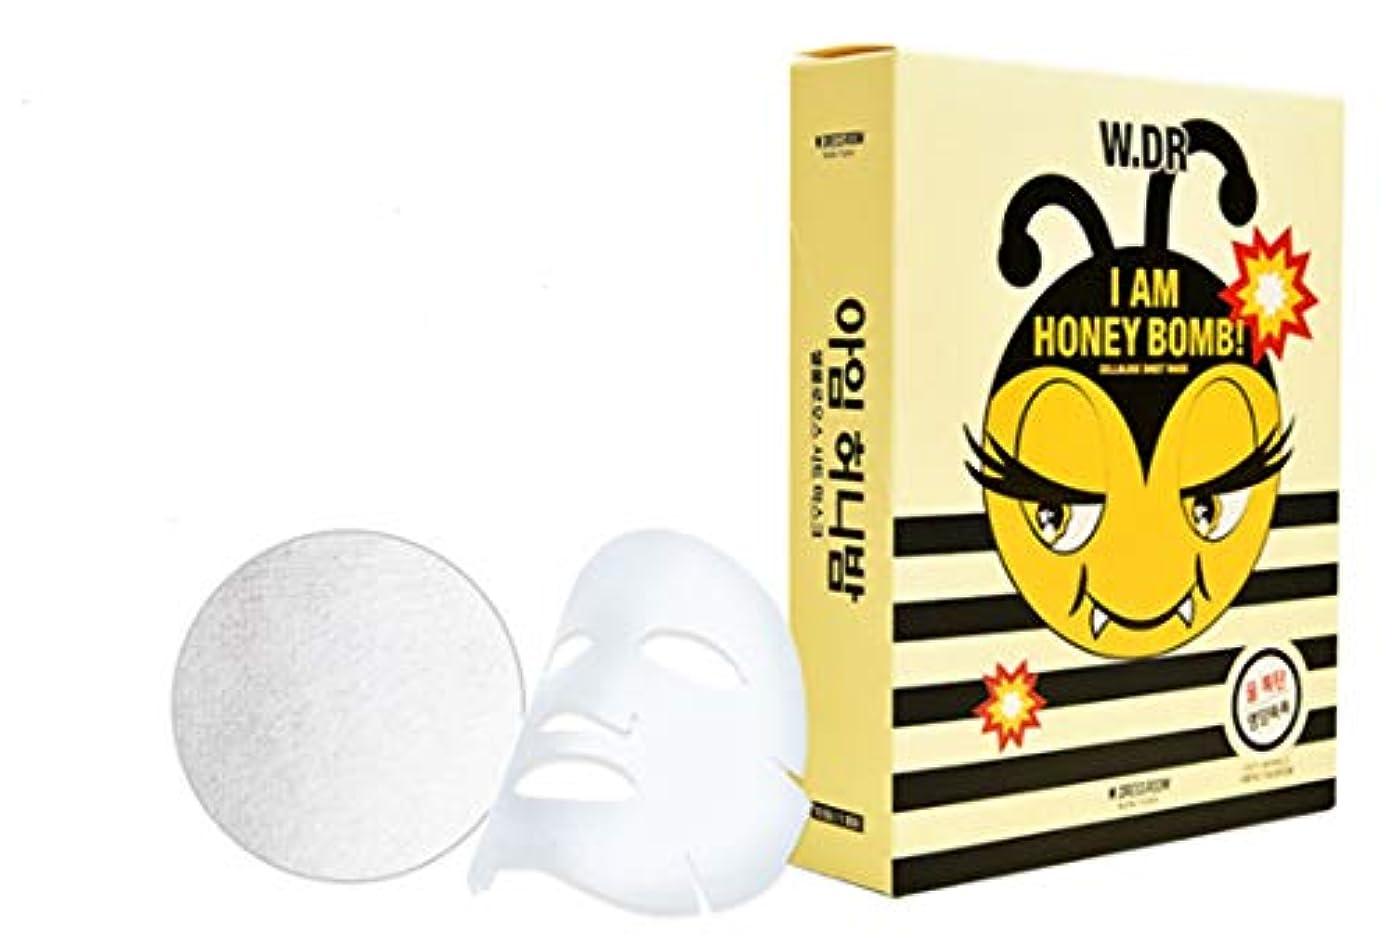 ぺディカブそれによって一生W.DRESSROOM I am honey bomb cellulose sheet mask 10ea 乾燥した肌に潤い爆弾!栄養爆弾!(海外直送品)